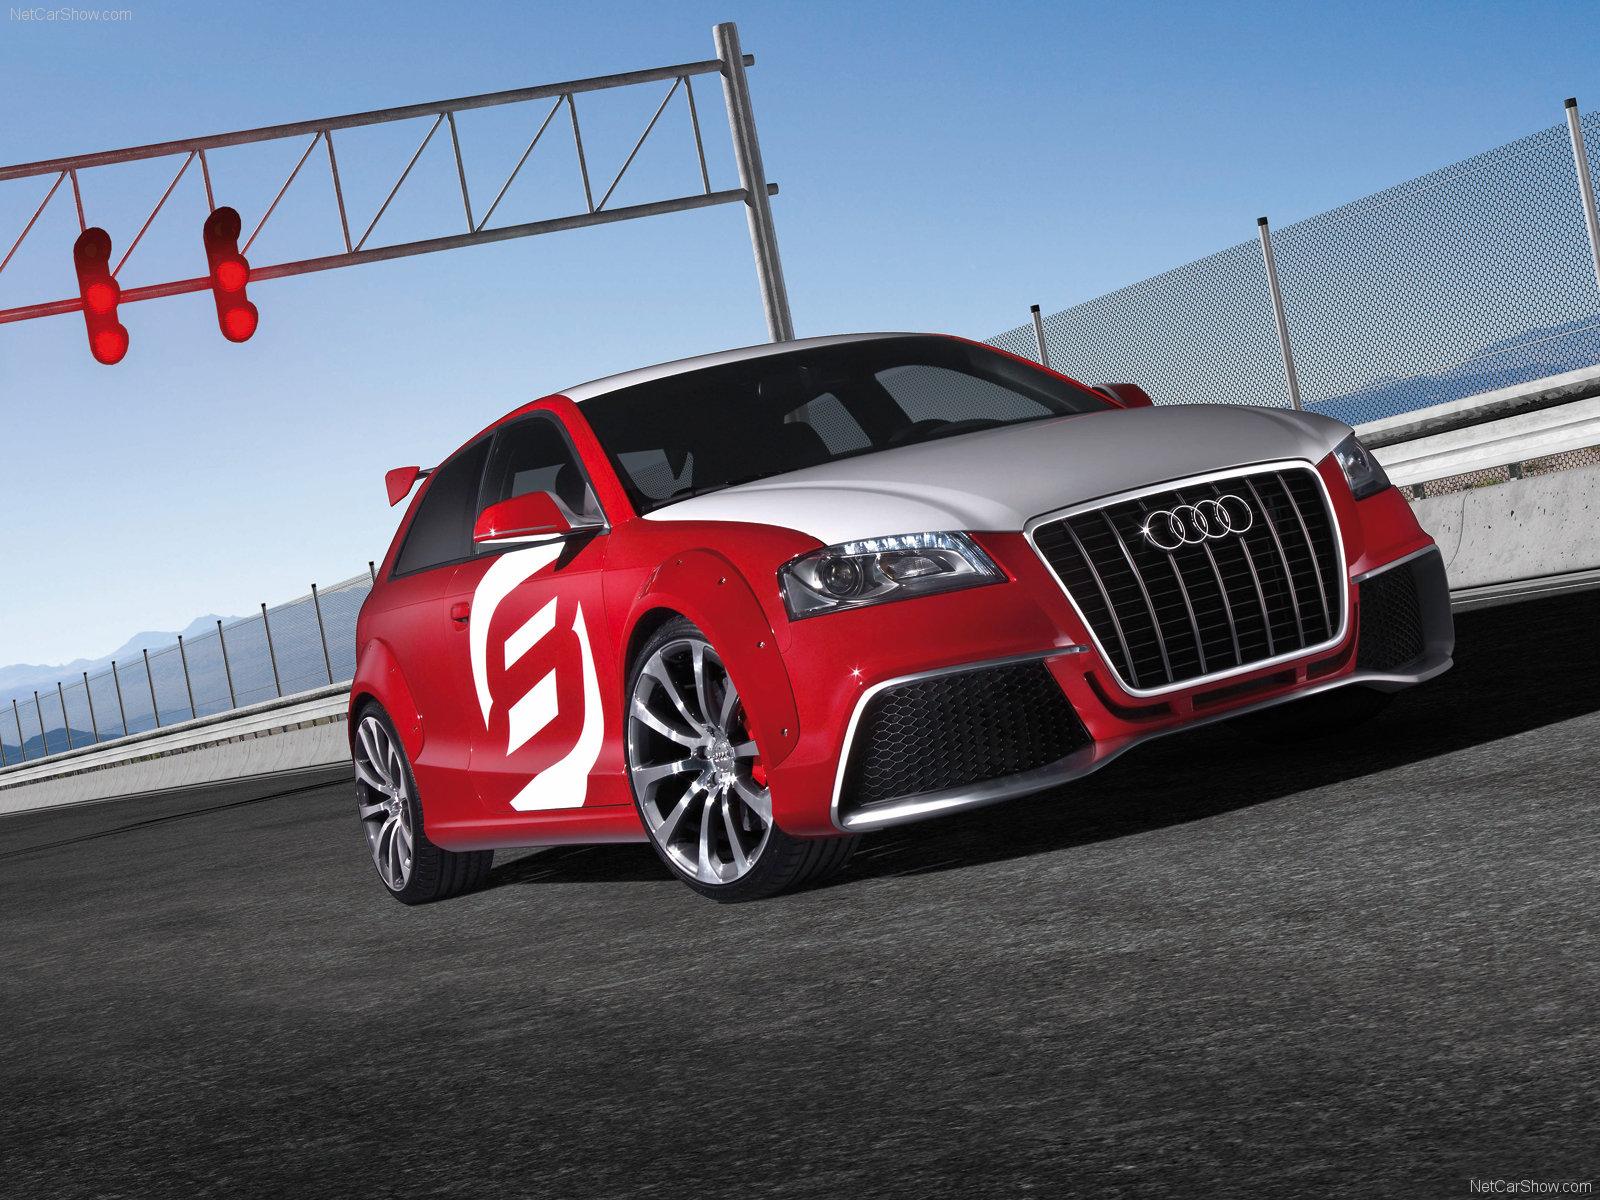 http://3.bp.blogspot.com/-ttO1_6sGgBk/Taltb_HxVQI/AAAAAAAAA5I/kbuICIwejW0/s1600/Audi-A3_TDI_clubsport_quattro_Concept-2008-wallpaper.jpg